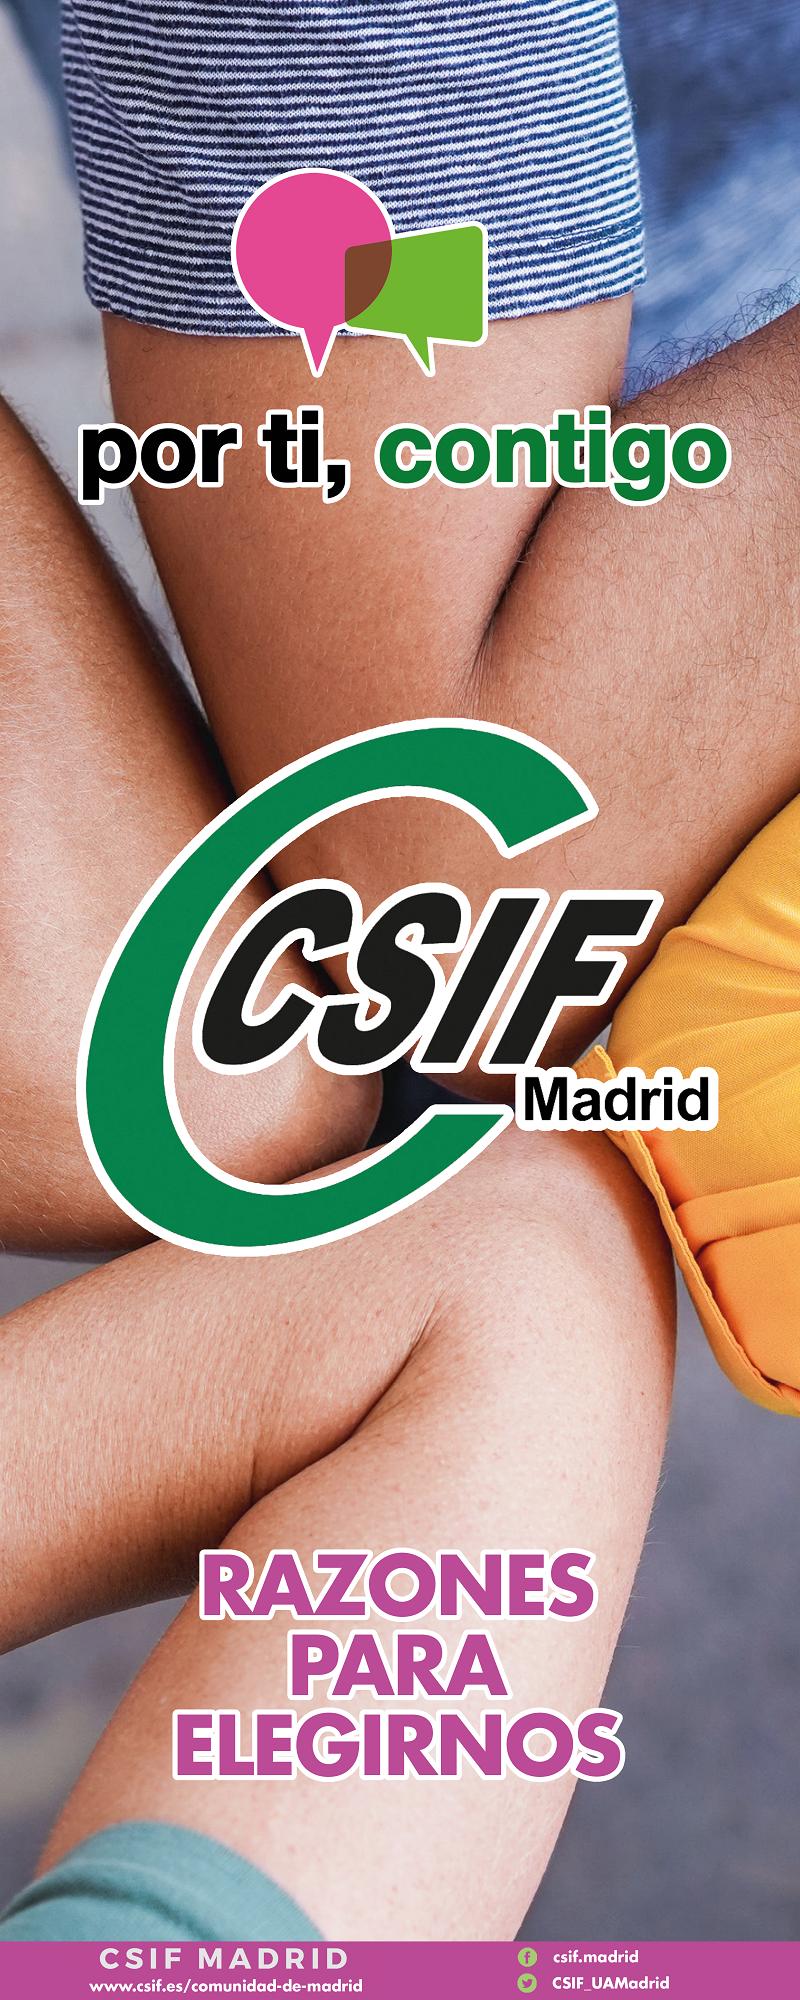 CSIF Razones para elegirnos web 1